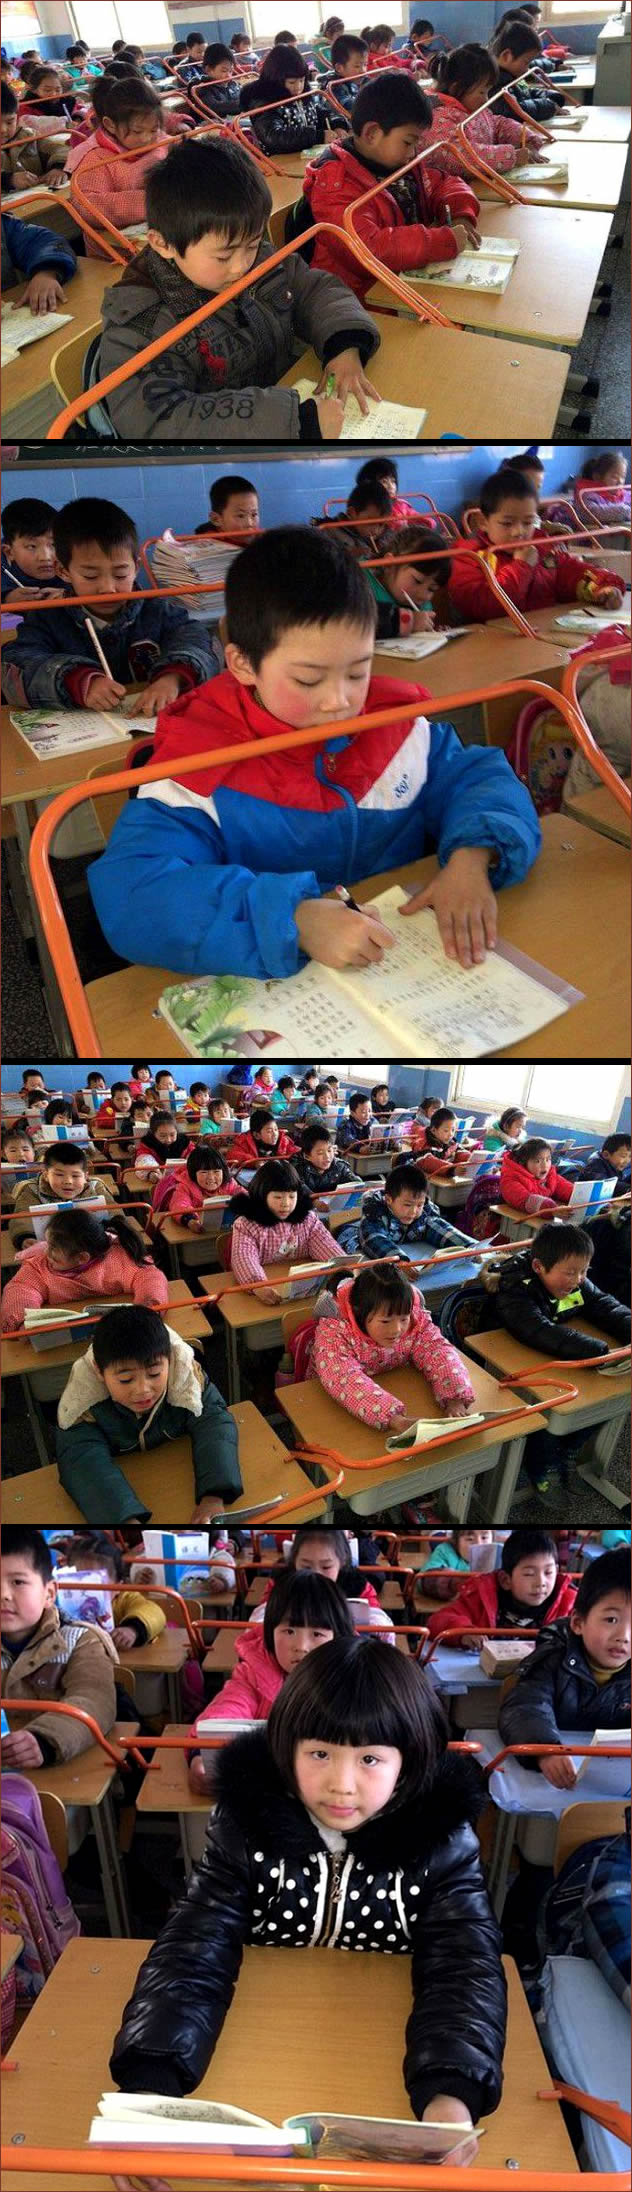 chinos-estudiando